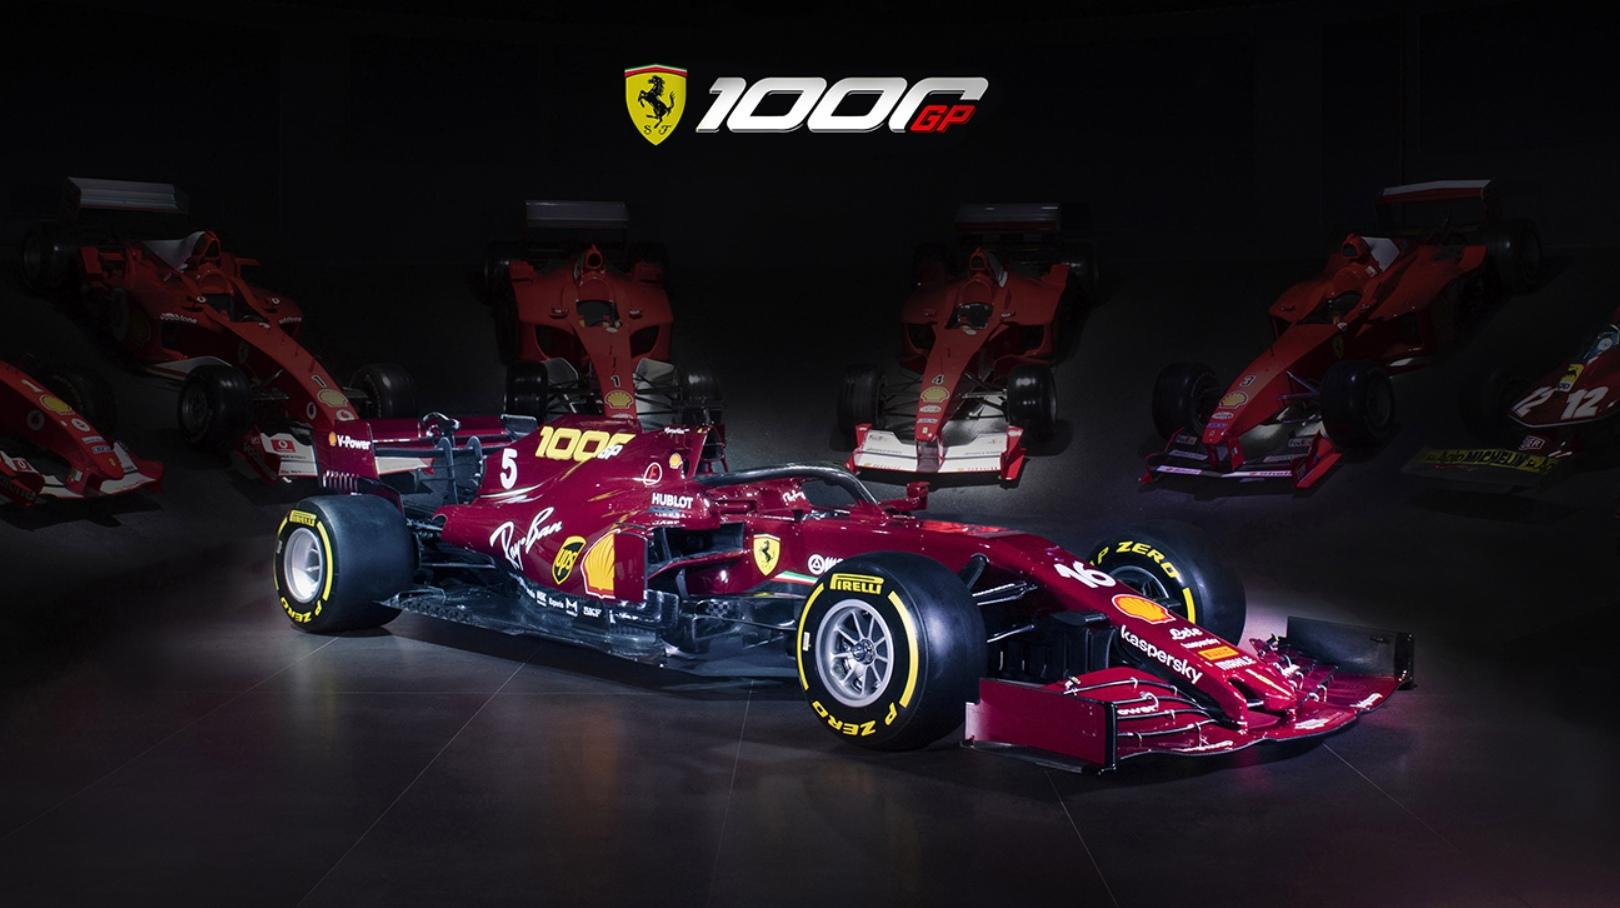 """В """"Феррари"""" показали расцветку машины на юбилейный гран-при и объявили, что Мик Шумахер проедет на F2004"""